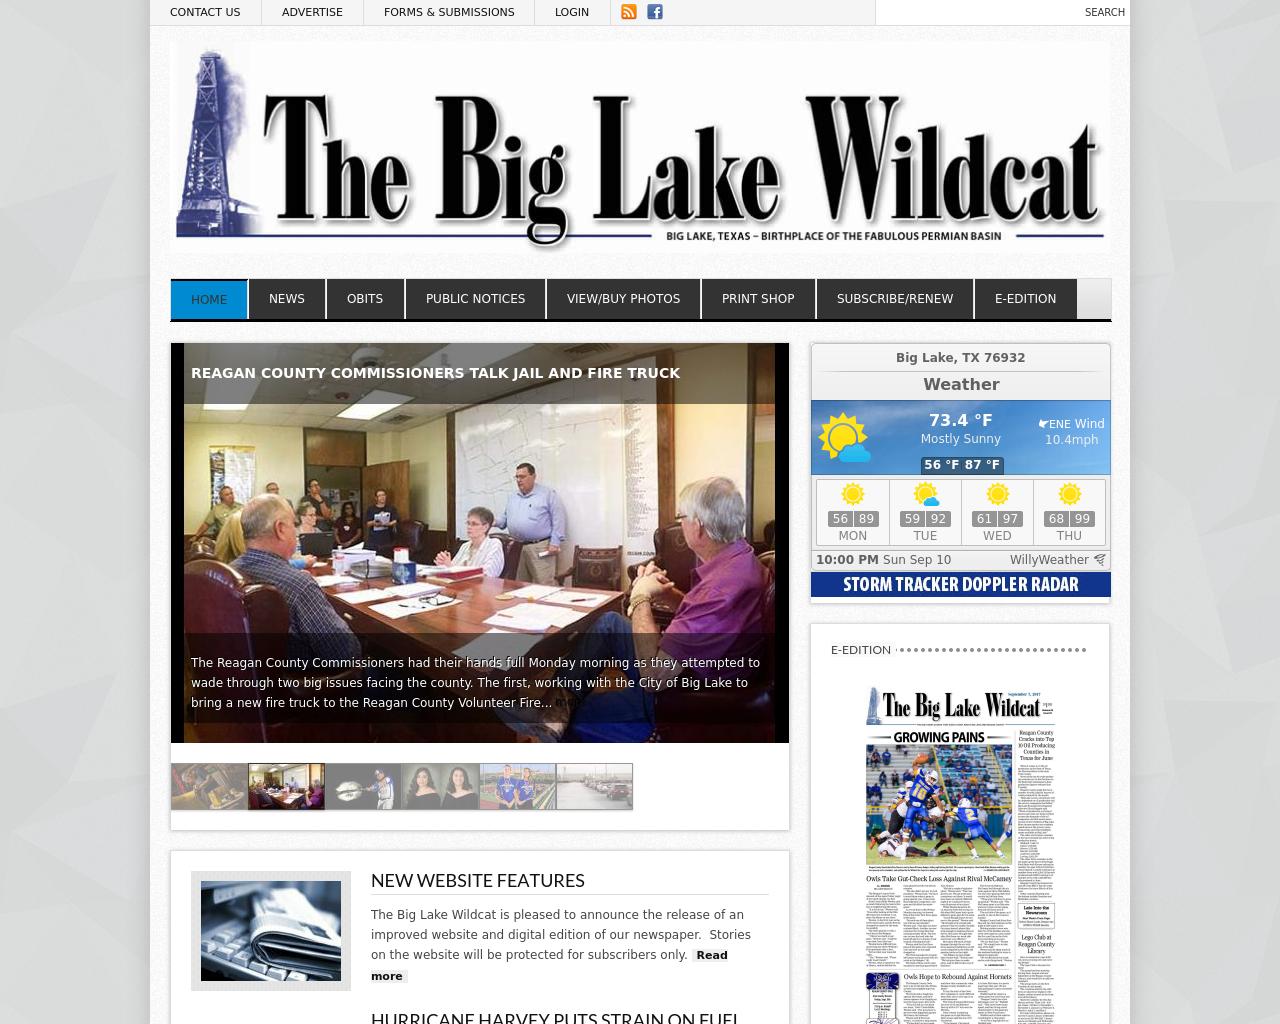 Big-Lake-Wildcat-Advertising-Reviews-Pricing